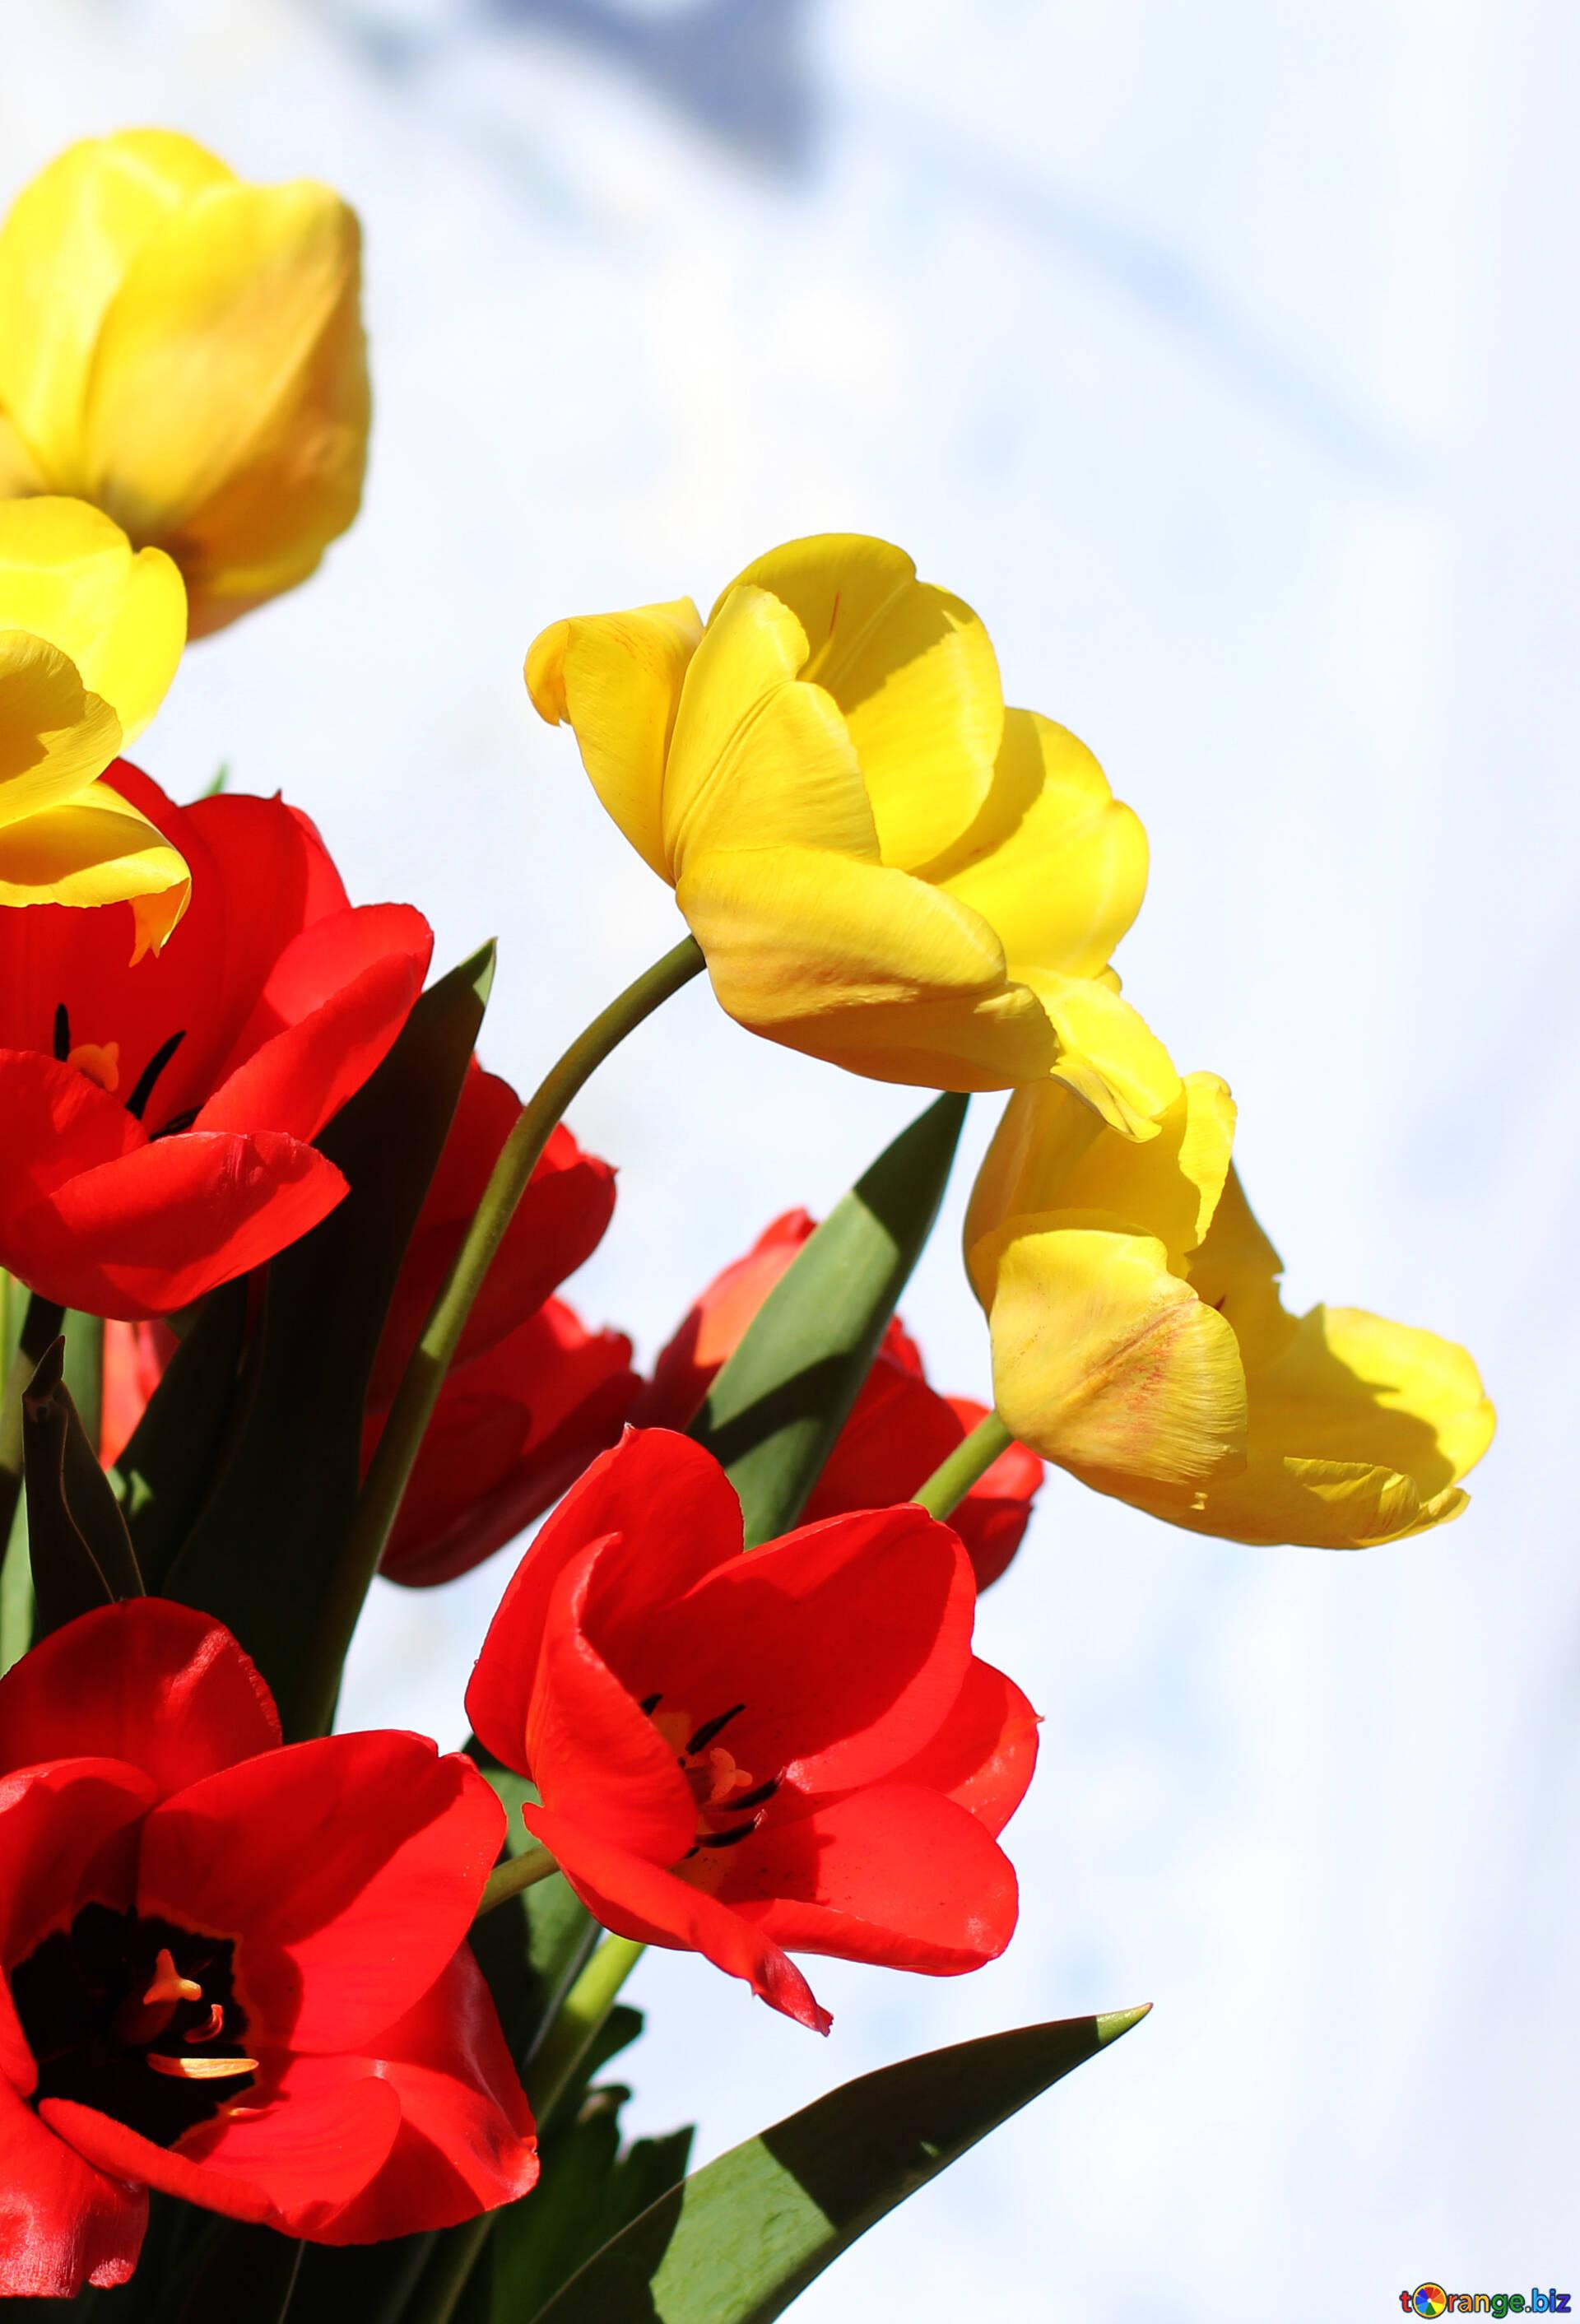 37 frühlingsblumen bilder kostenlos  besten bilder von